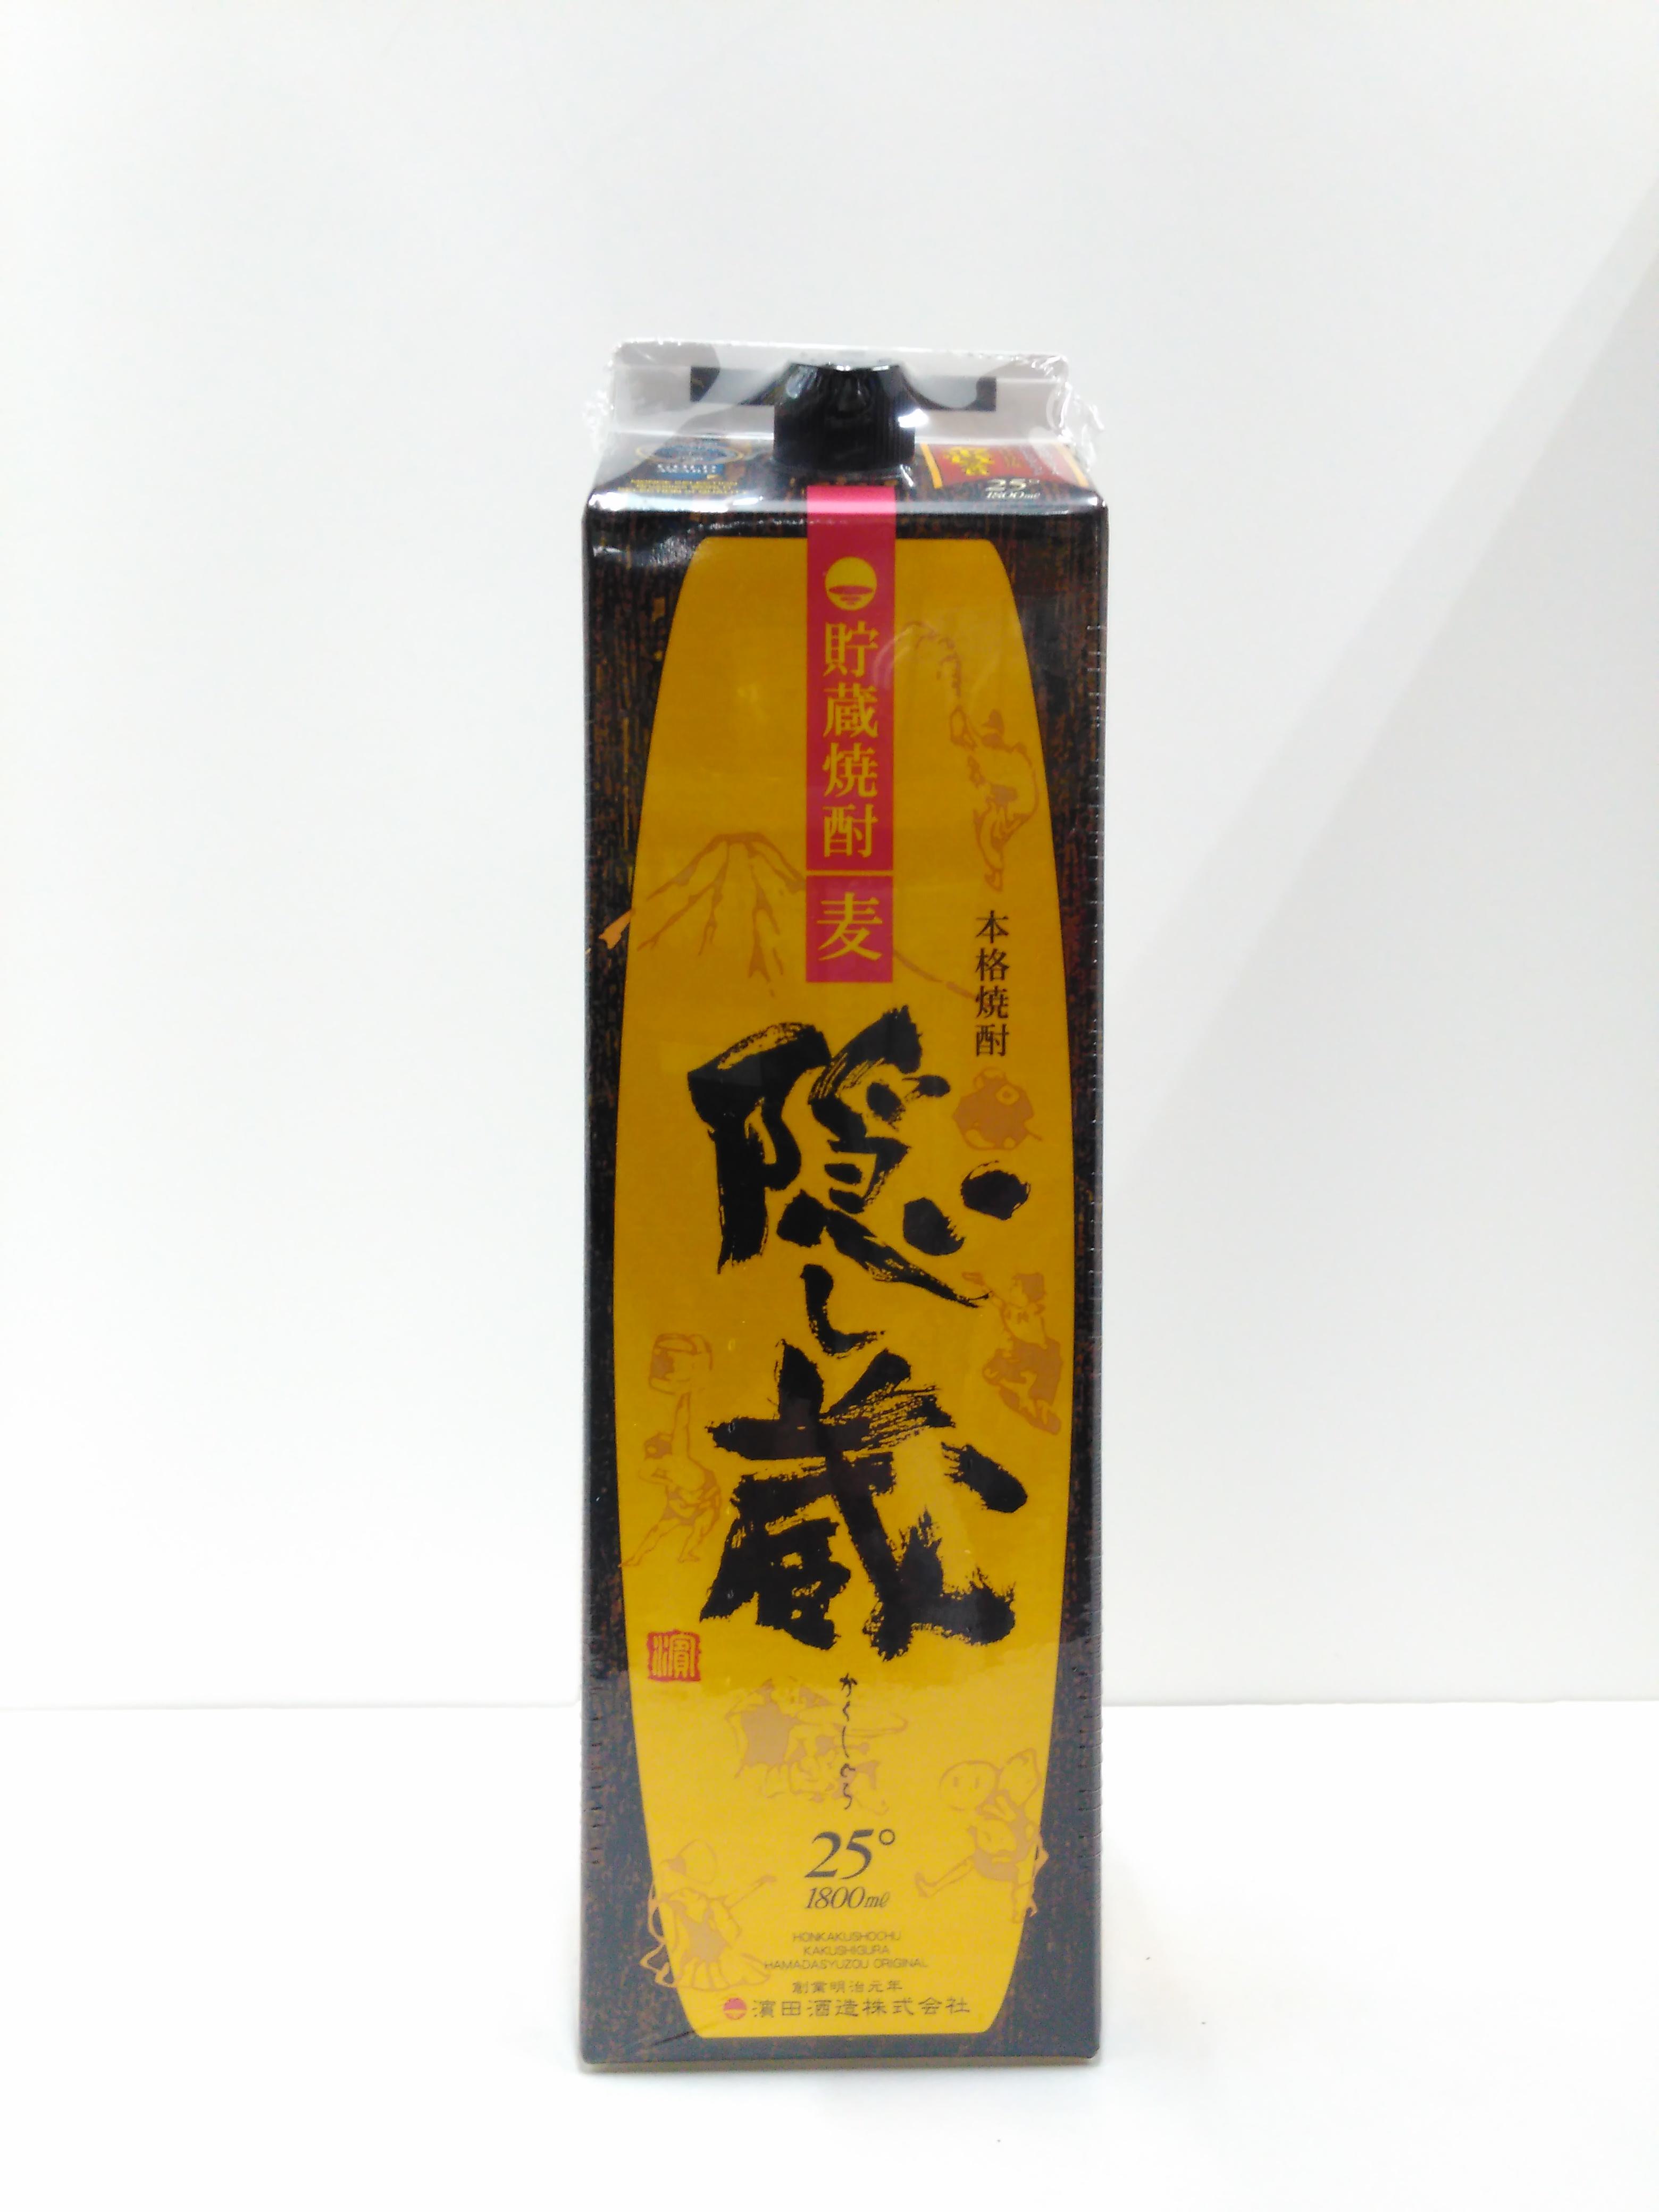 【TAKEYAスマイル便 対象品】隠し蔵 熟成貯蔵麦焼酎 25度 1800mlパック